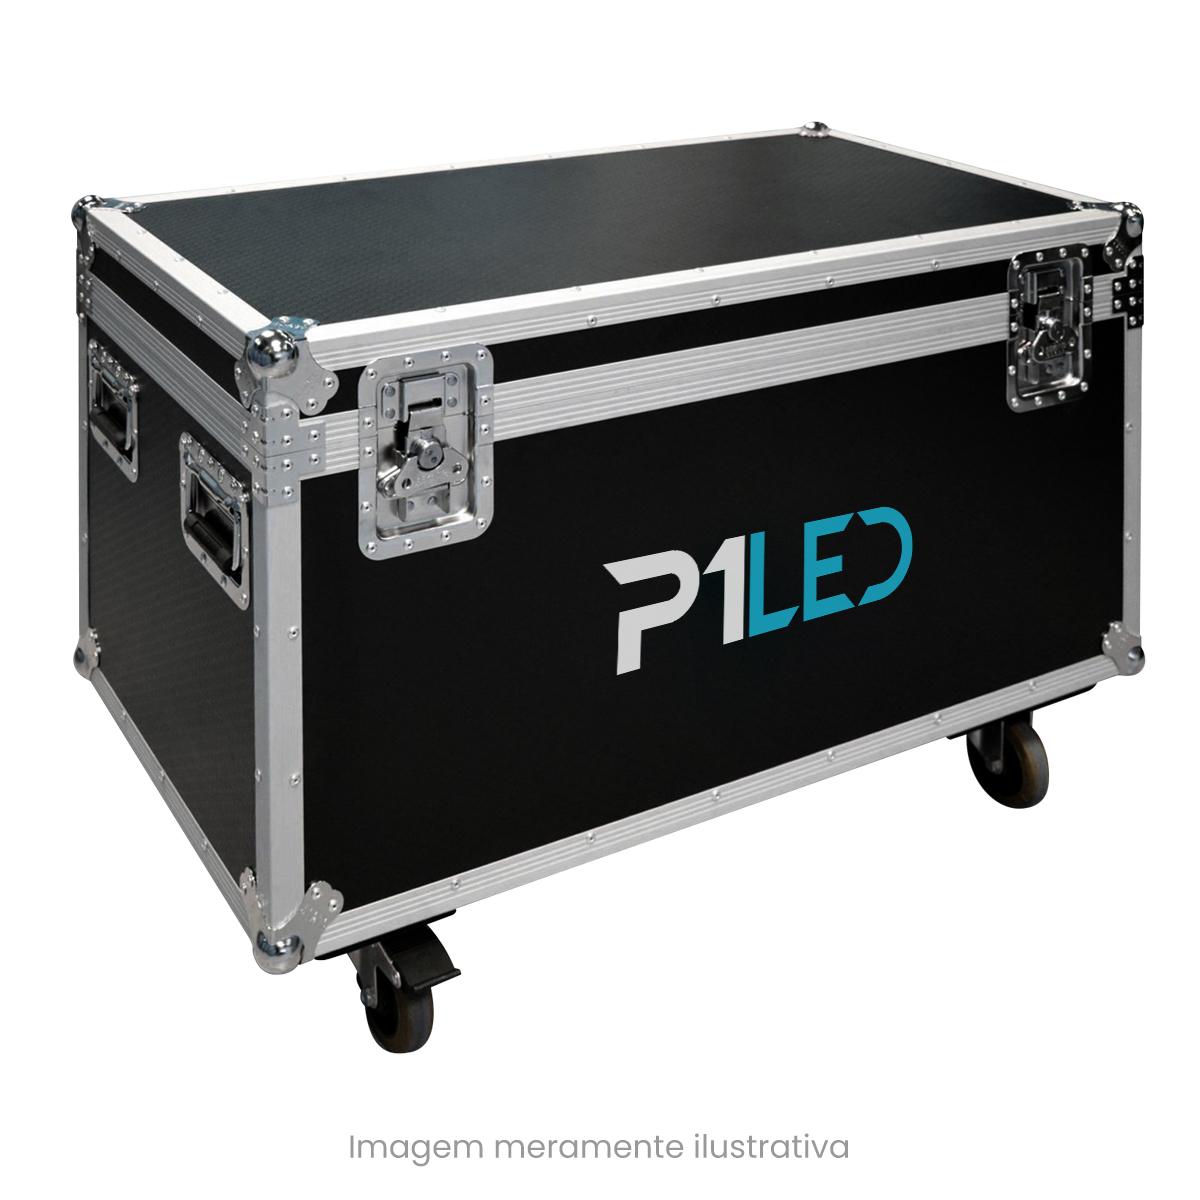 Painel de LED para Concessionária 4x2 - Telão P3 Indoor  - Painel e Telão de LED - O Melhor Preço em Painel de LED | P1LED